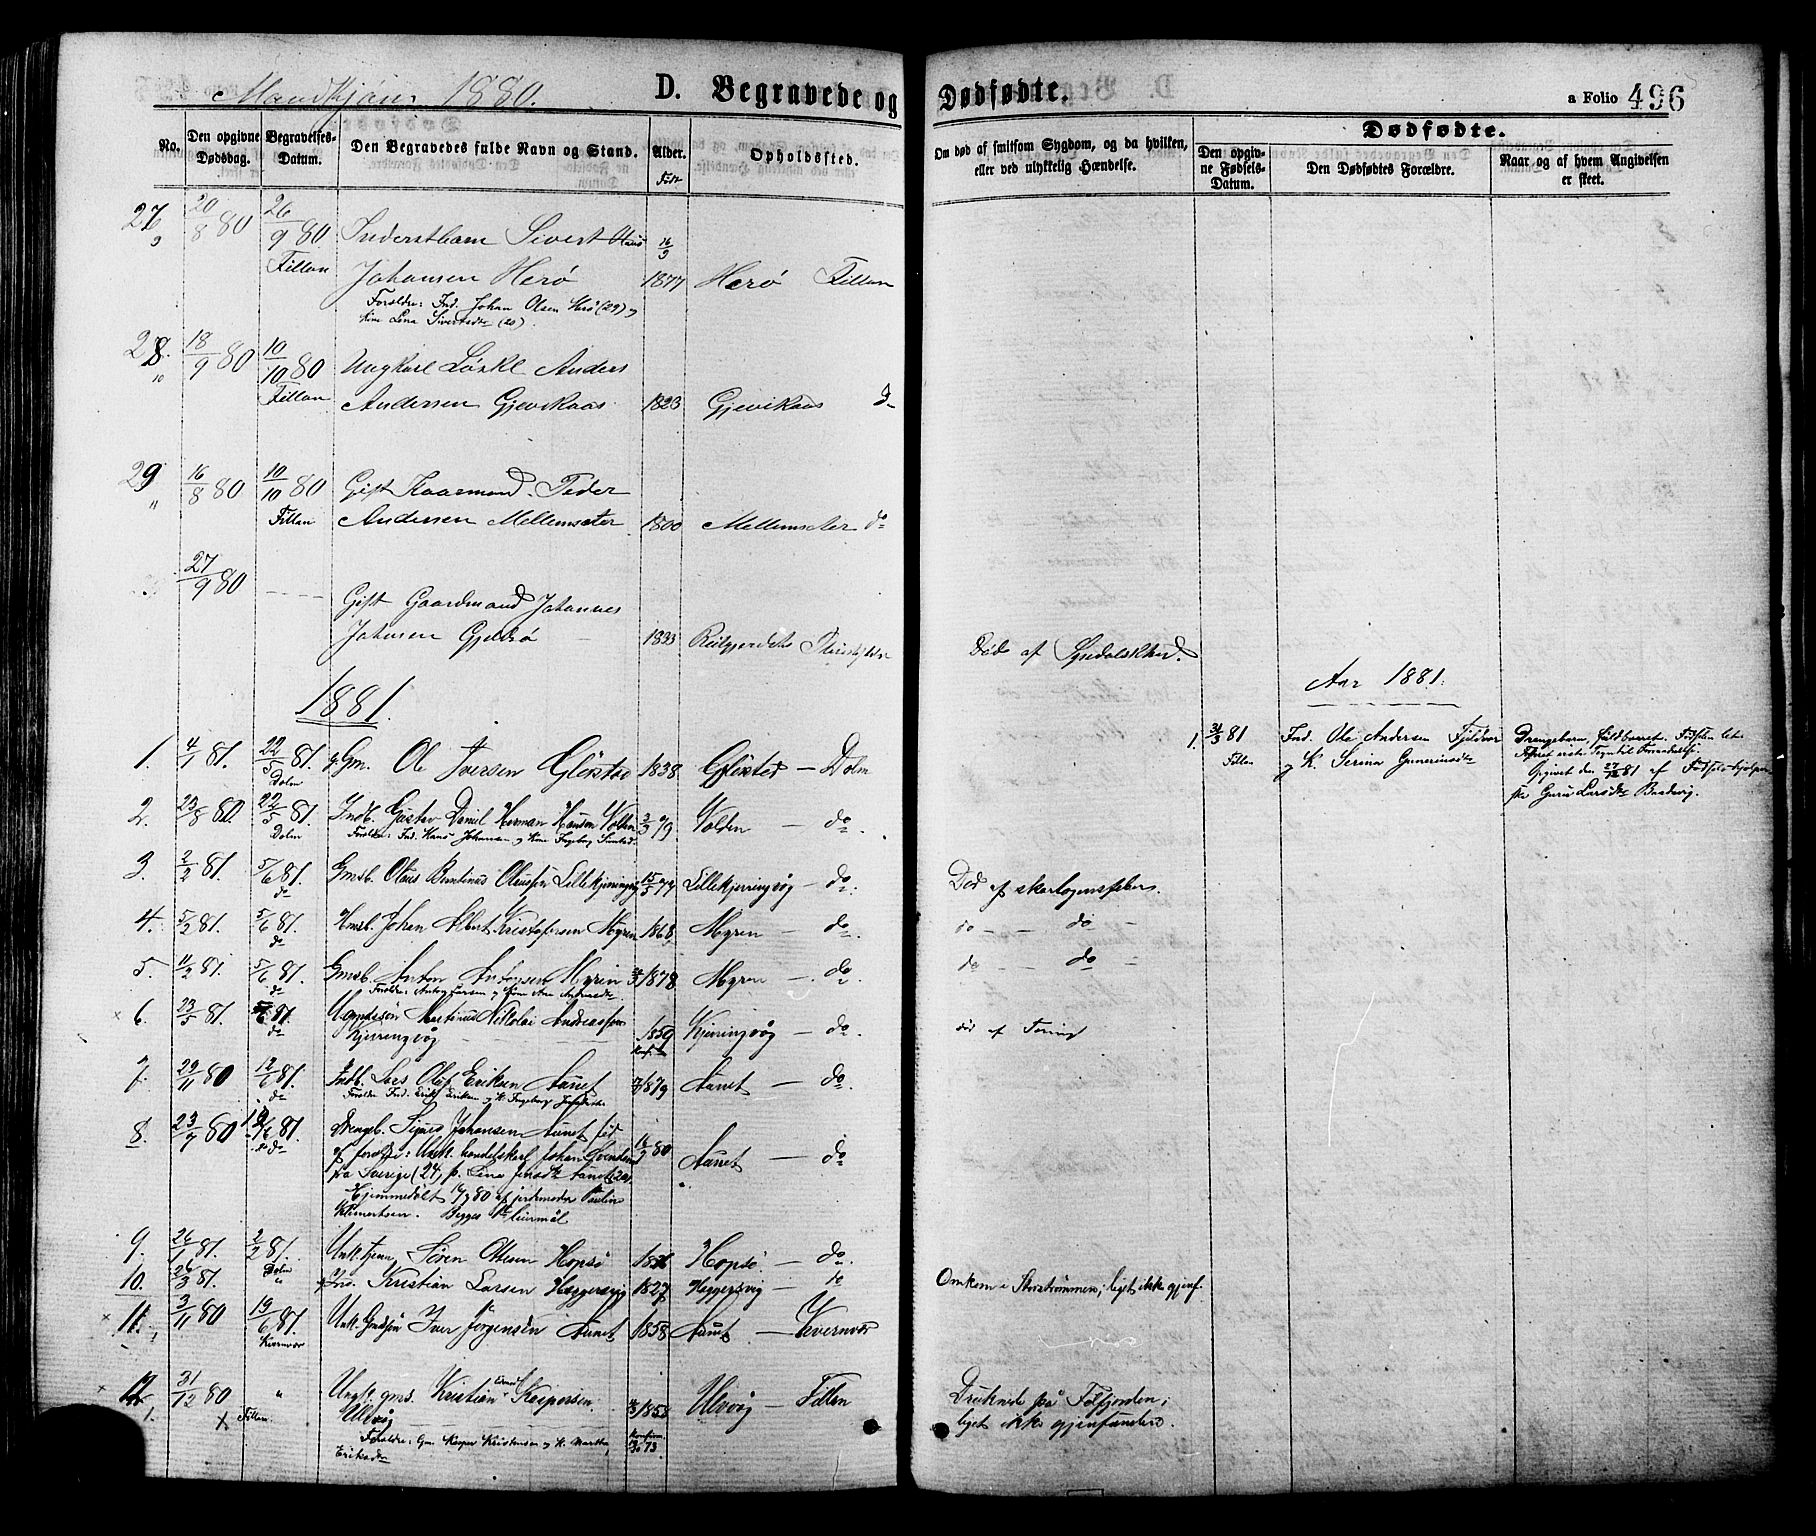 SAT, Ministerialprotokoller, klokkerbøker og fødselsregistre - Sør-Trøndelag, 634/L0532: Ministerialbok nr. 634A08, 1871-1881, s. 496